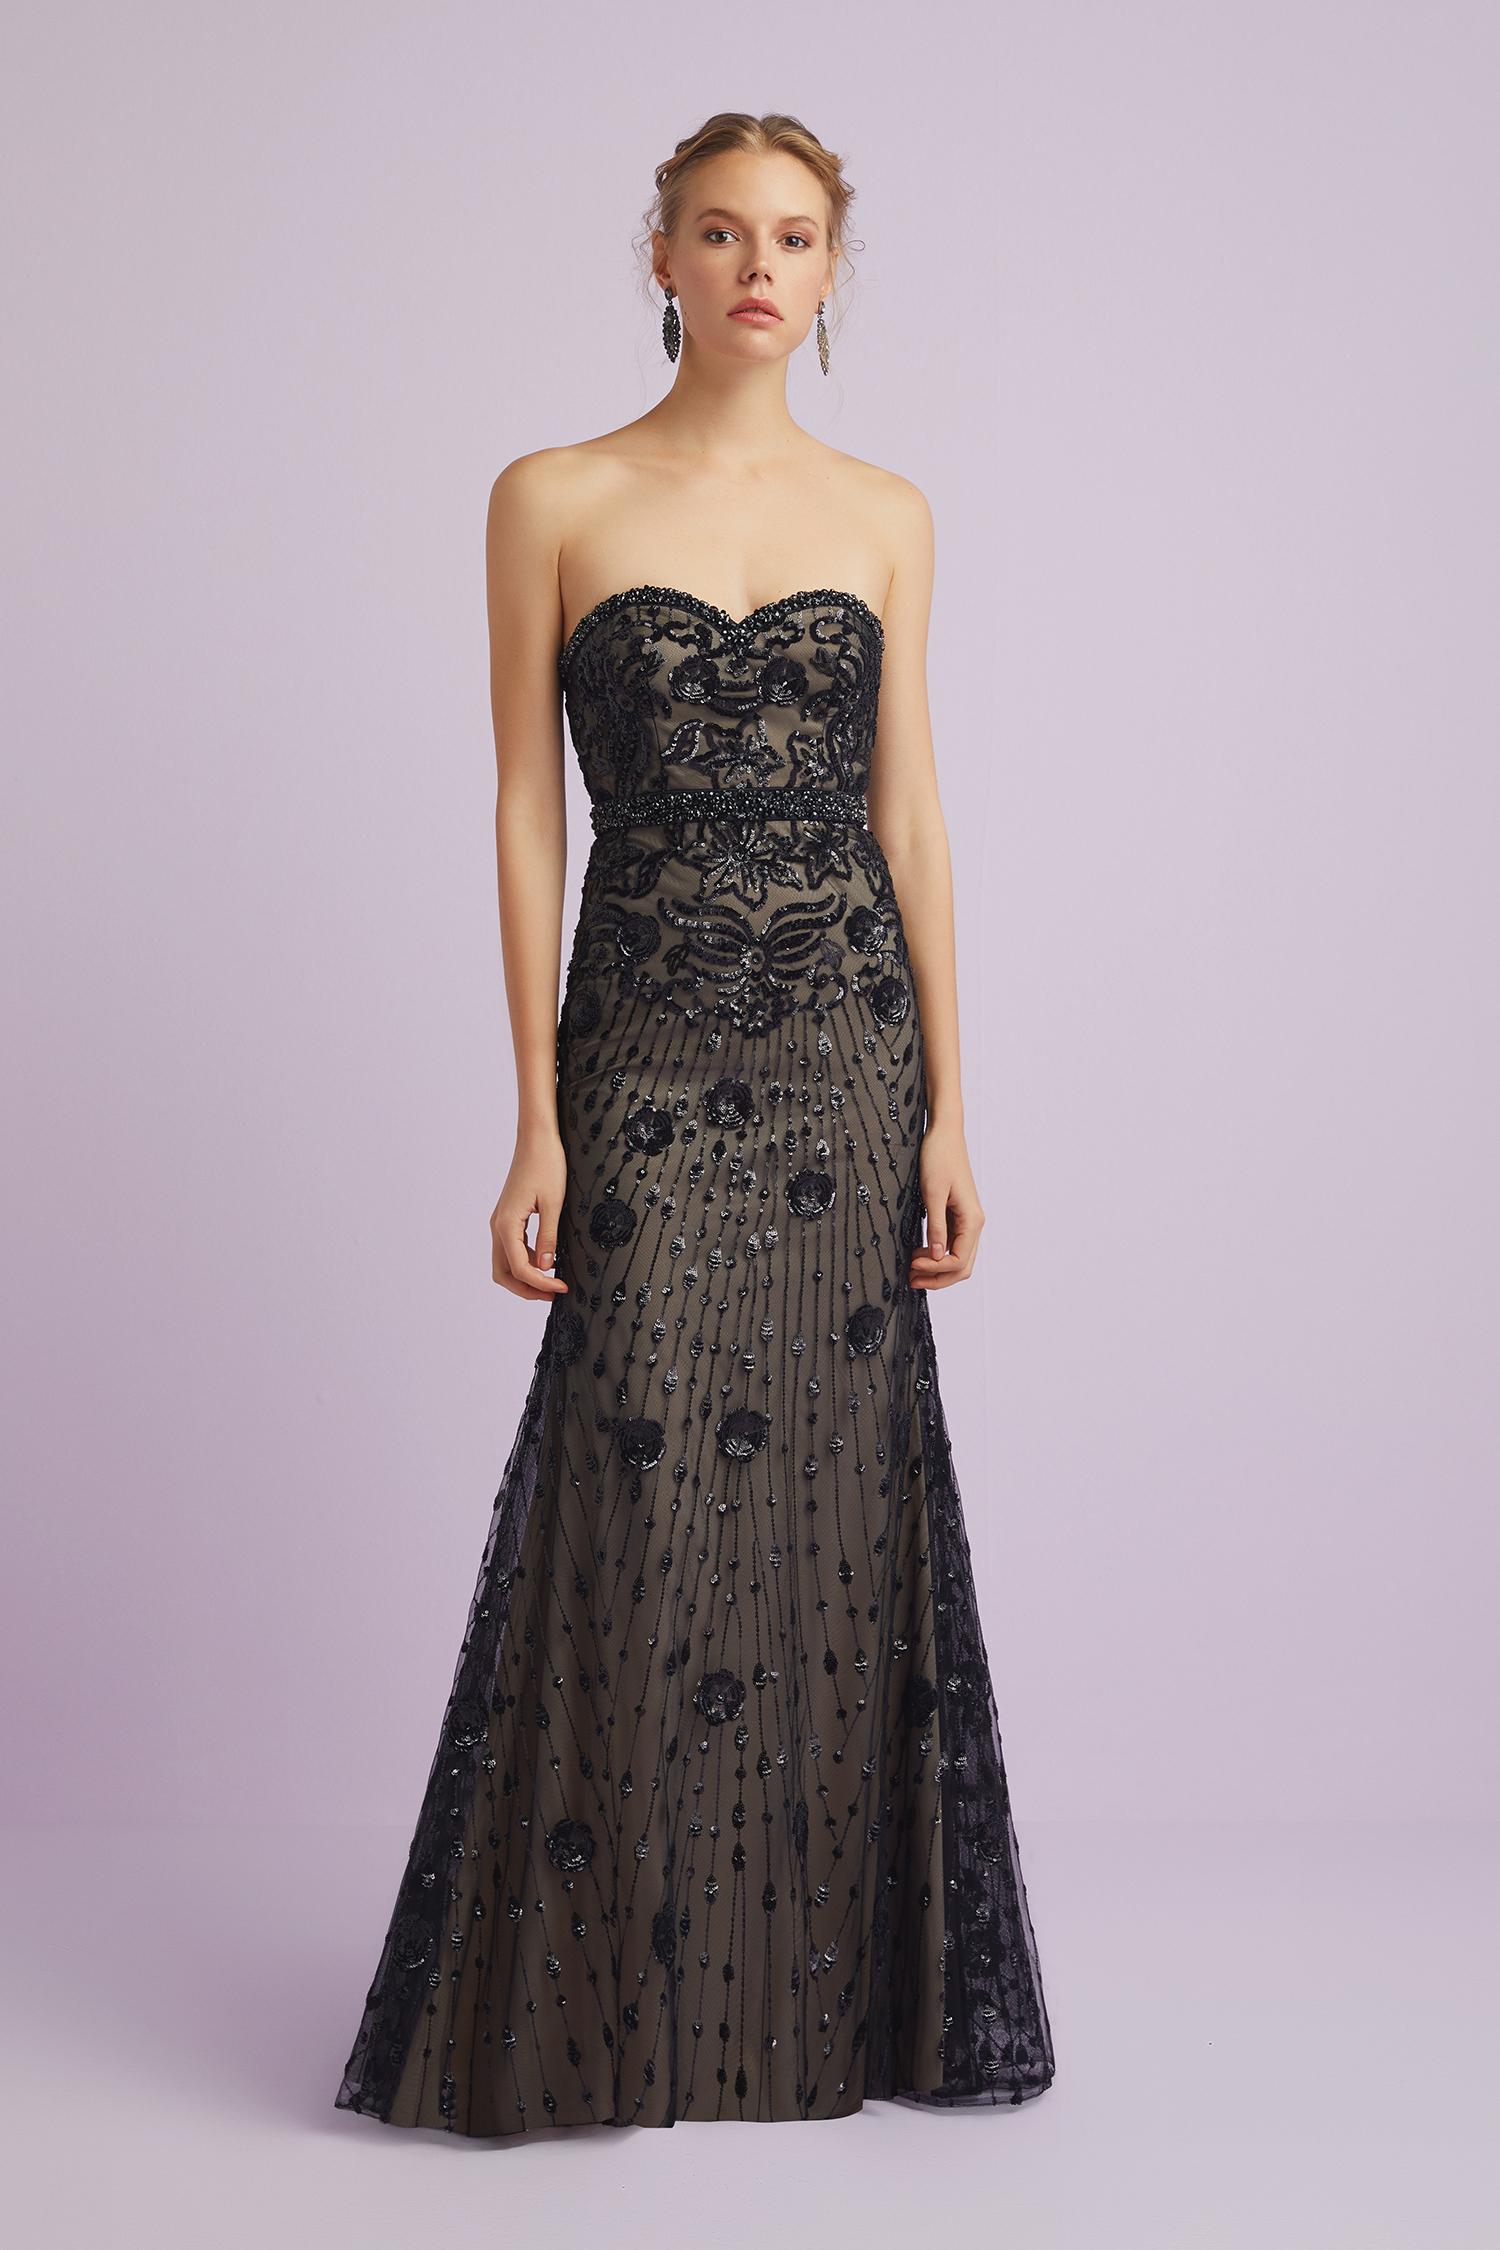 Siyah Straplez Dantel İşlemeli Uzun Abiye Elbise - Thumbnail